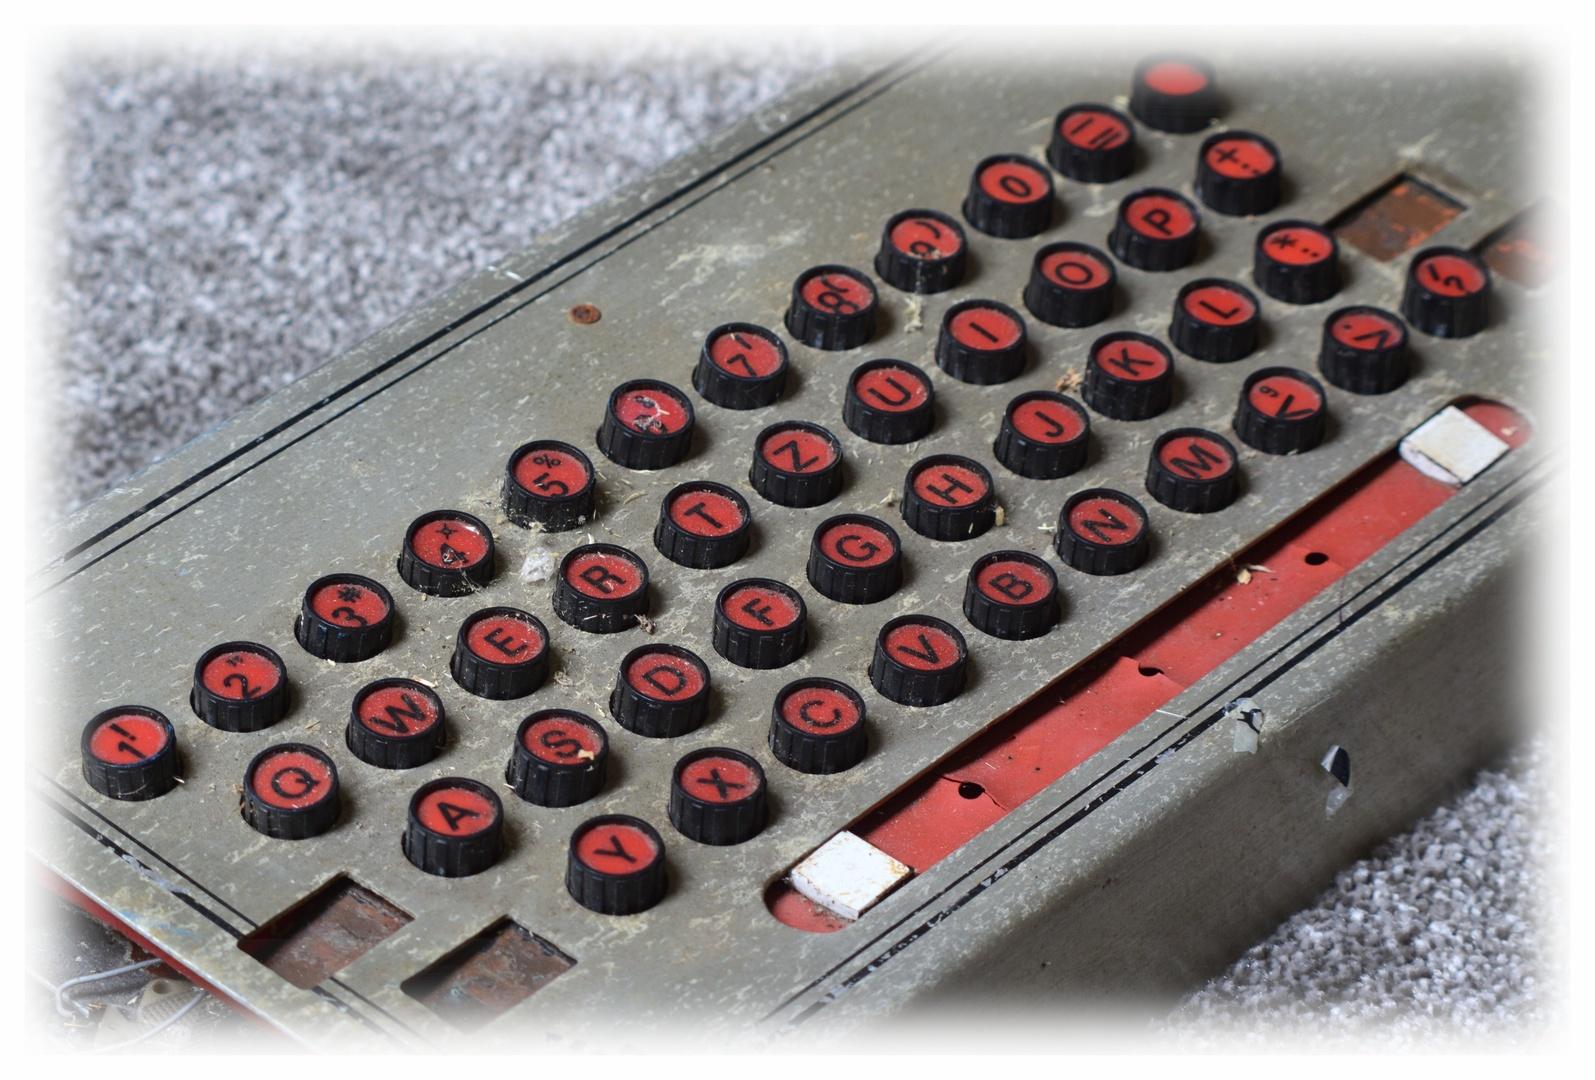 ...DDR-Retro-PCs.